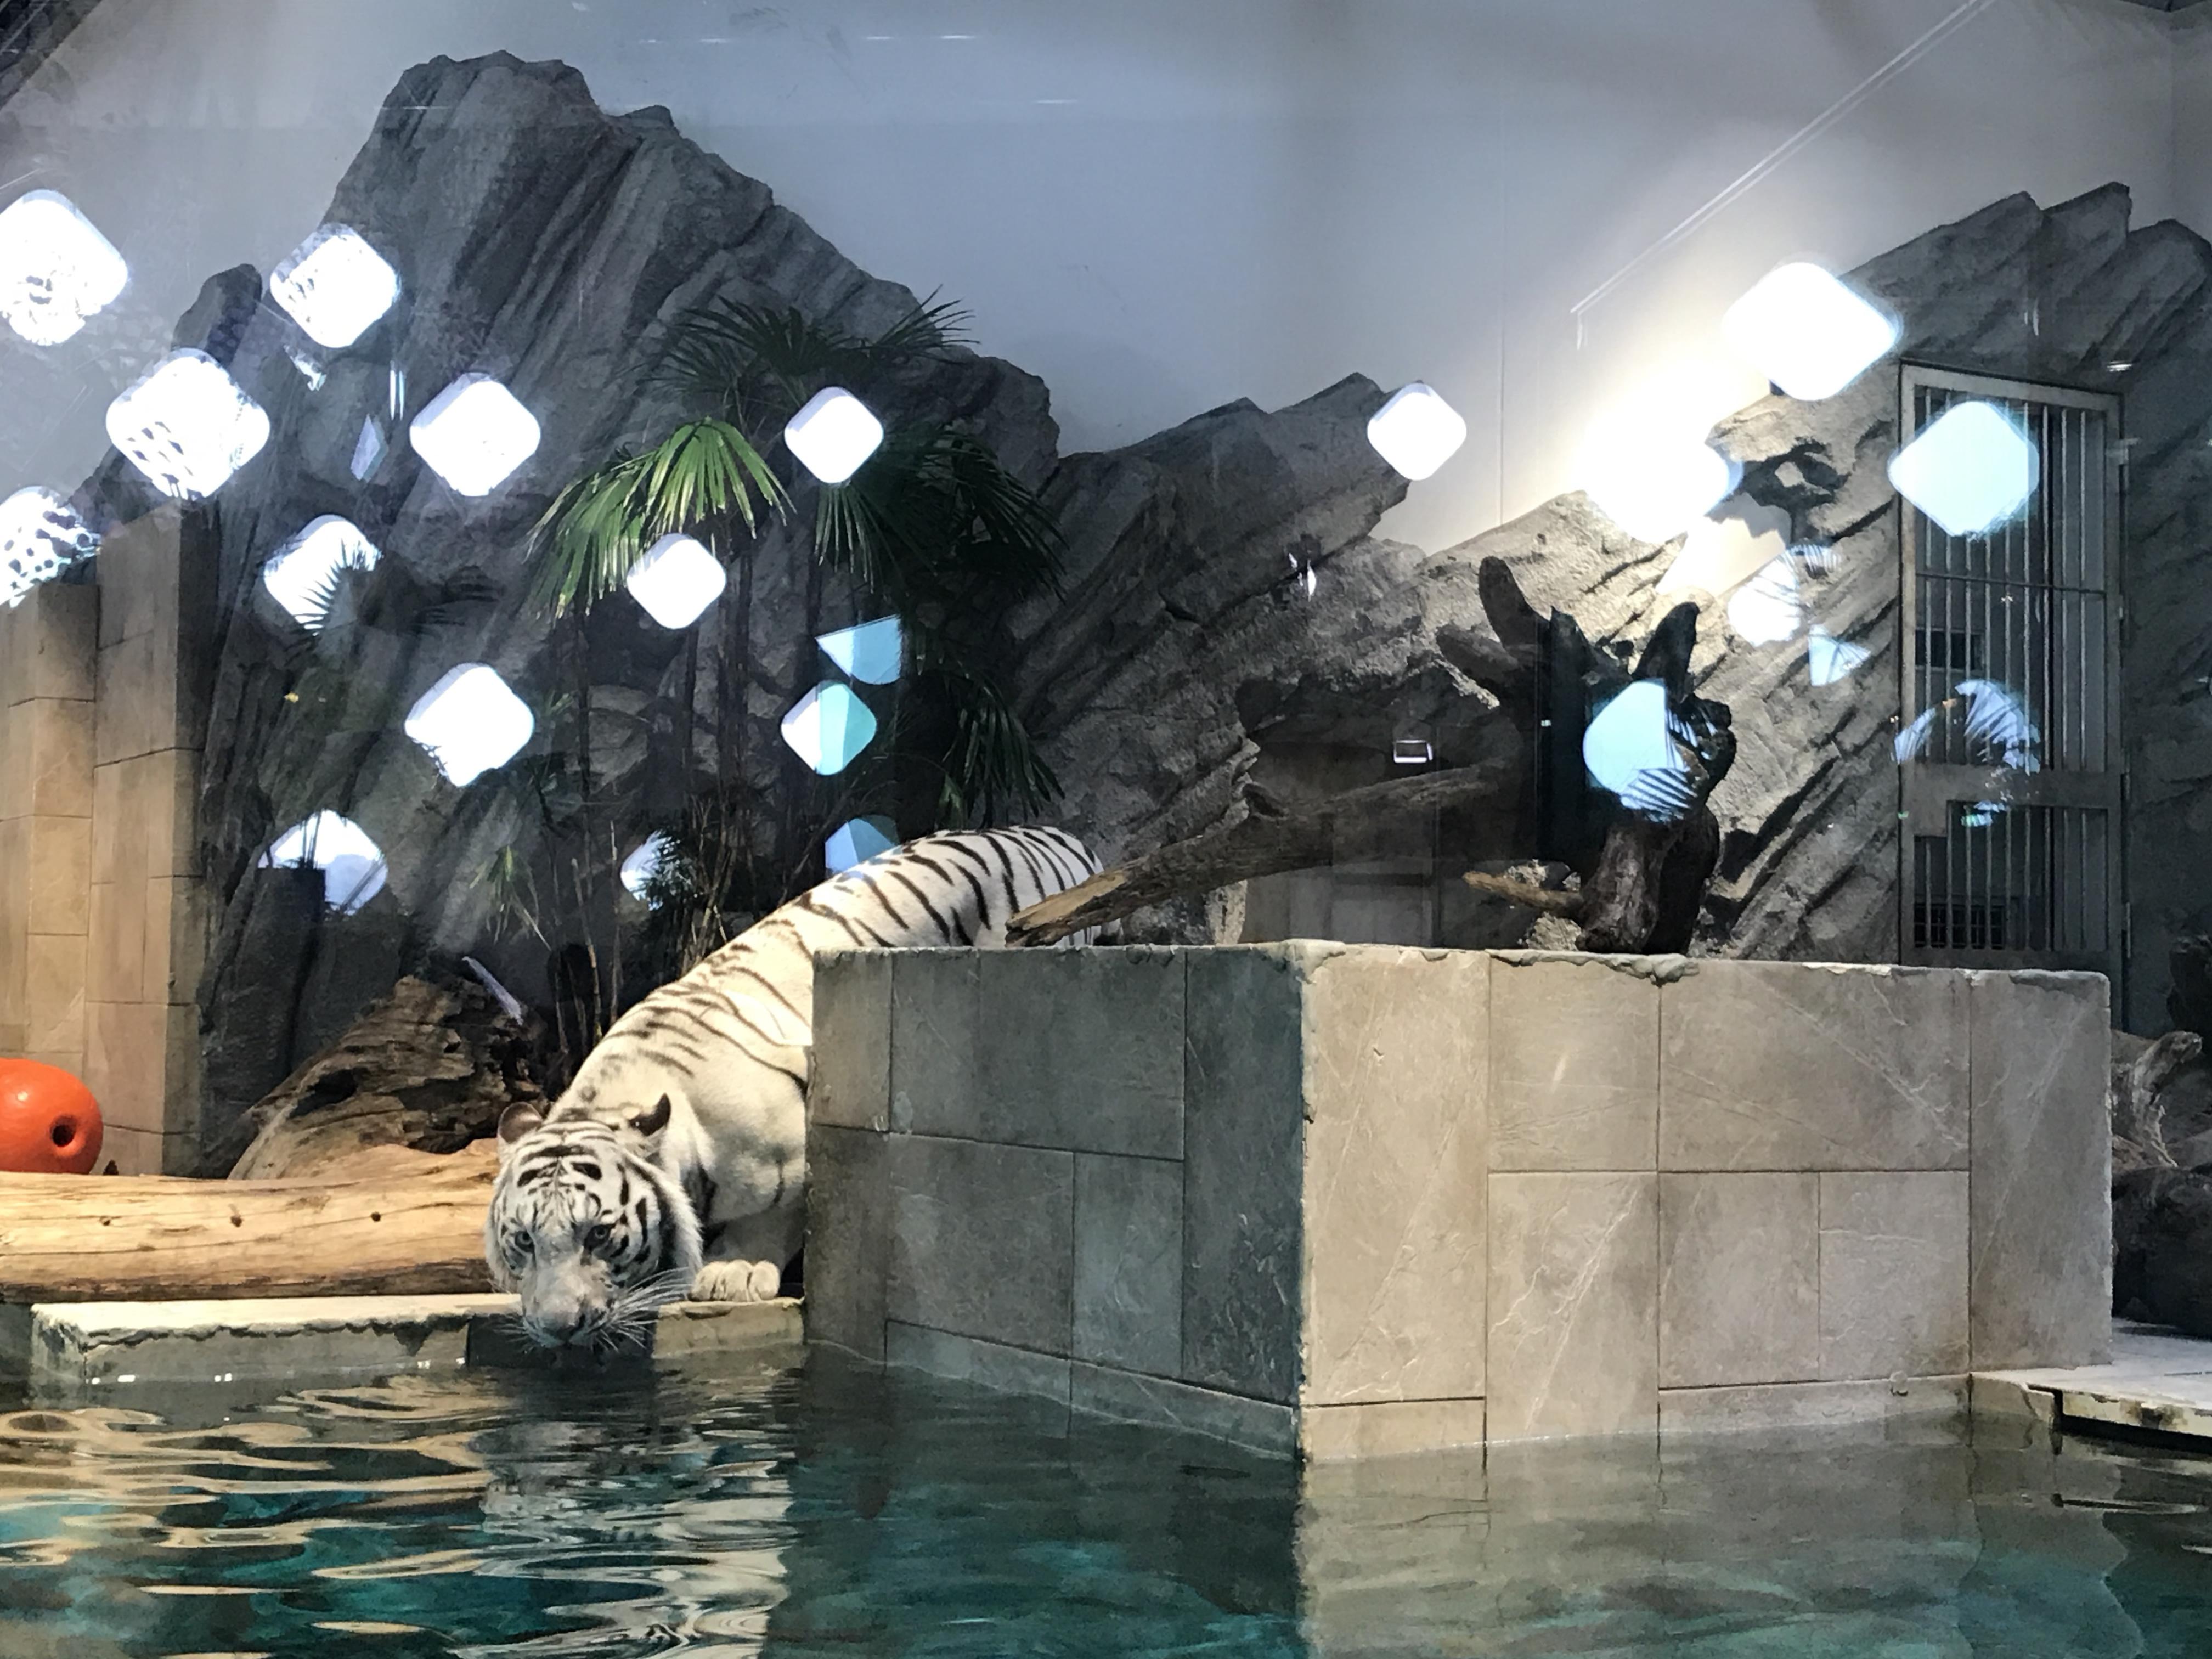 ニフレル(NIFREL) 大阪 吹田市 水族館 動物園 おすすめ情報や混雑状況